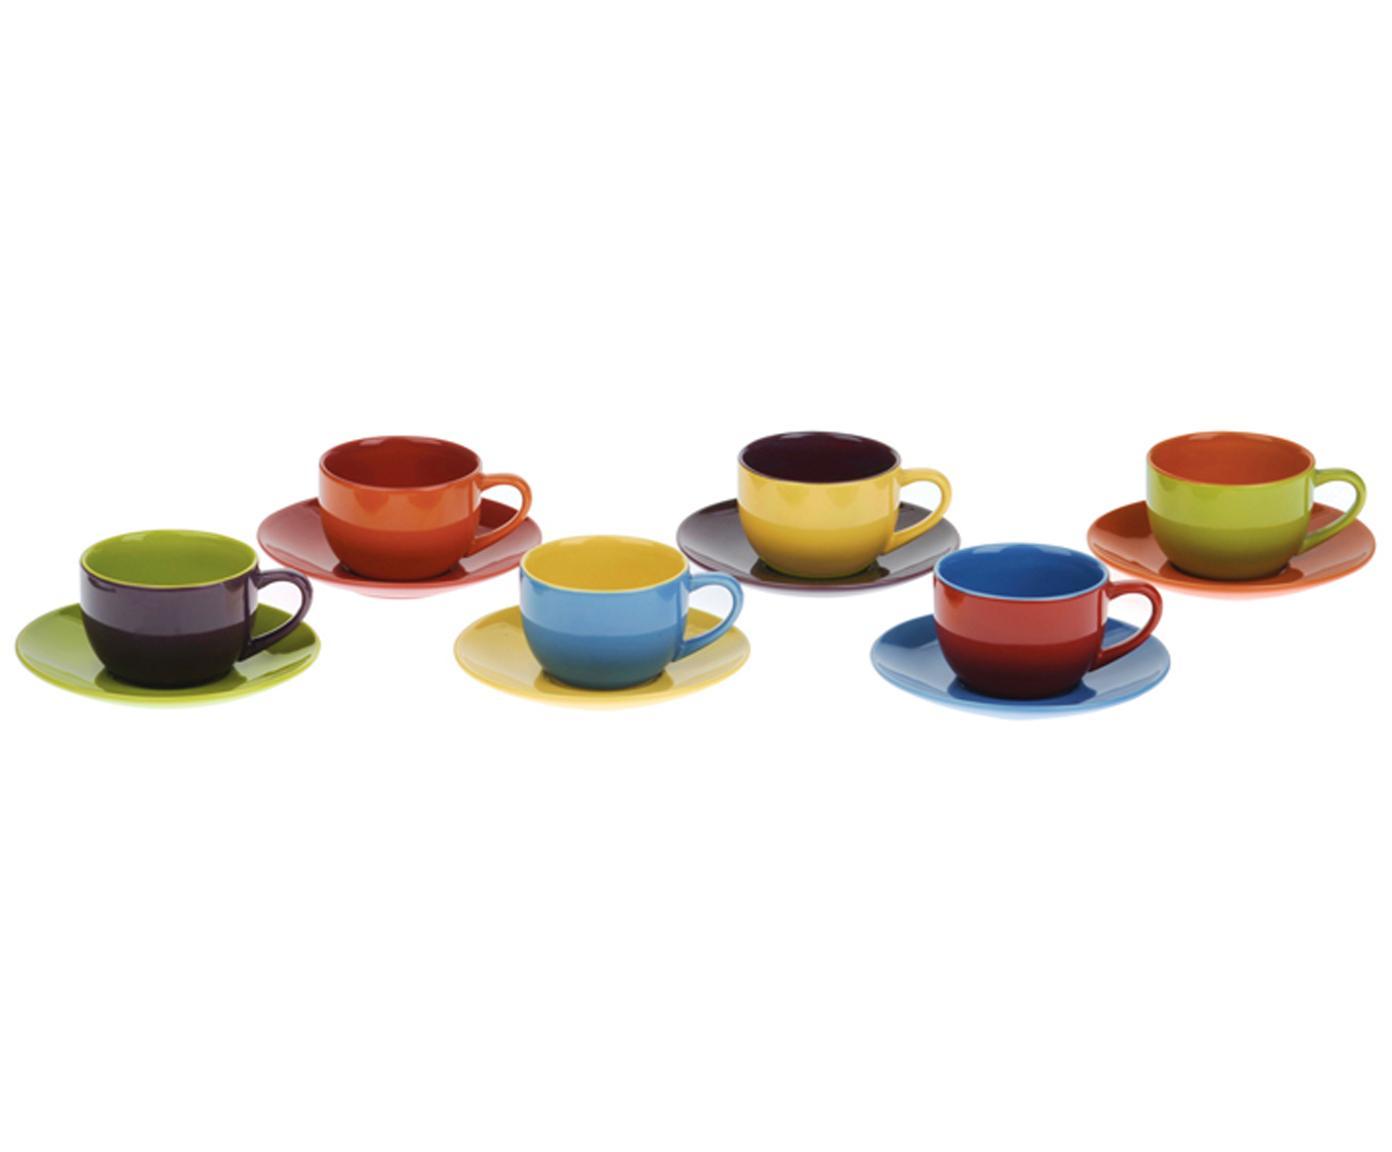 Espressotassen mit Untertassen Harlequin, 6 Stück, Steingut, Mehrfarbig, Ø 12 x H 5 cm